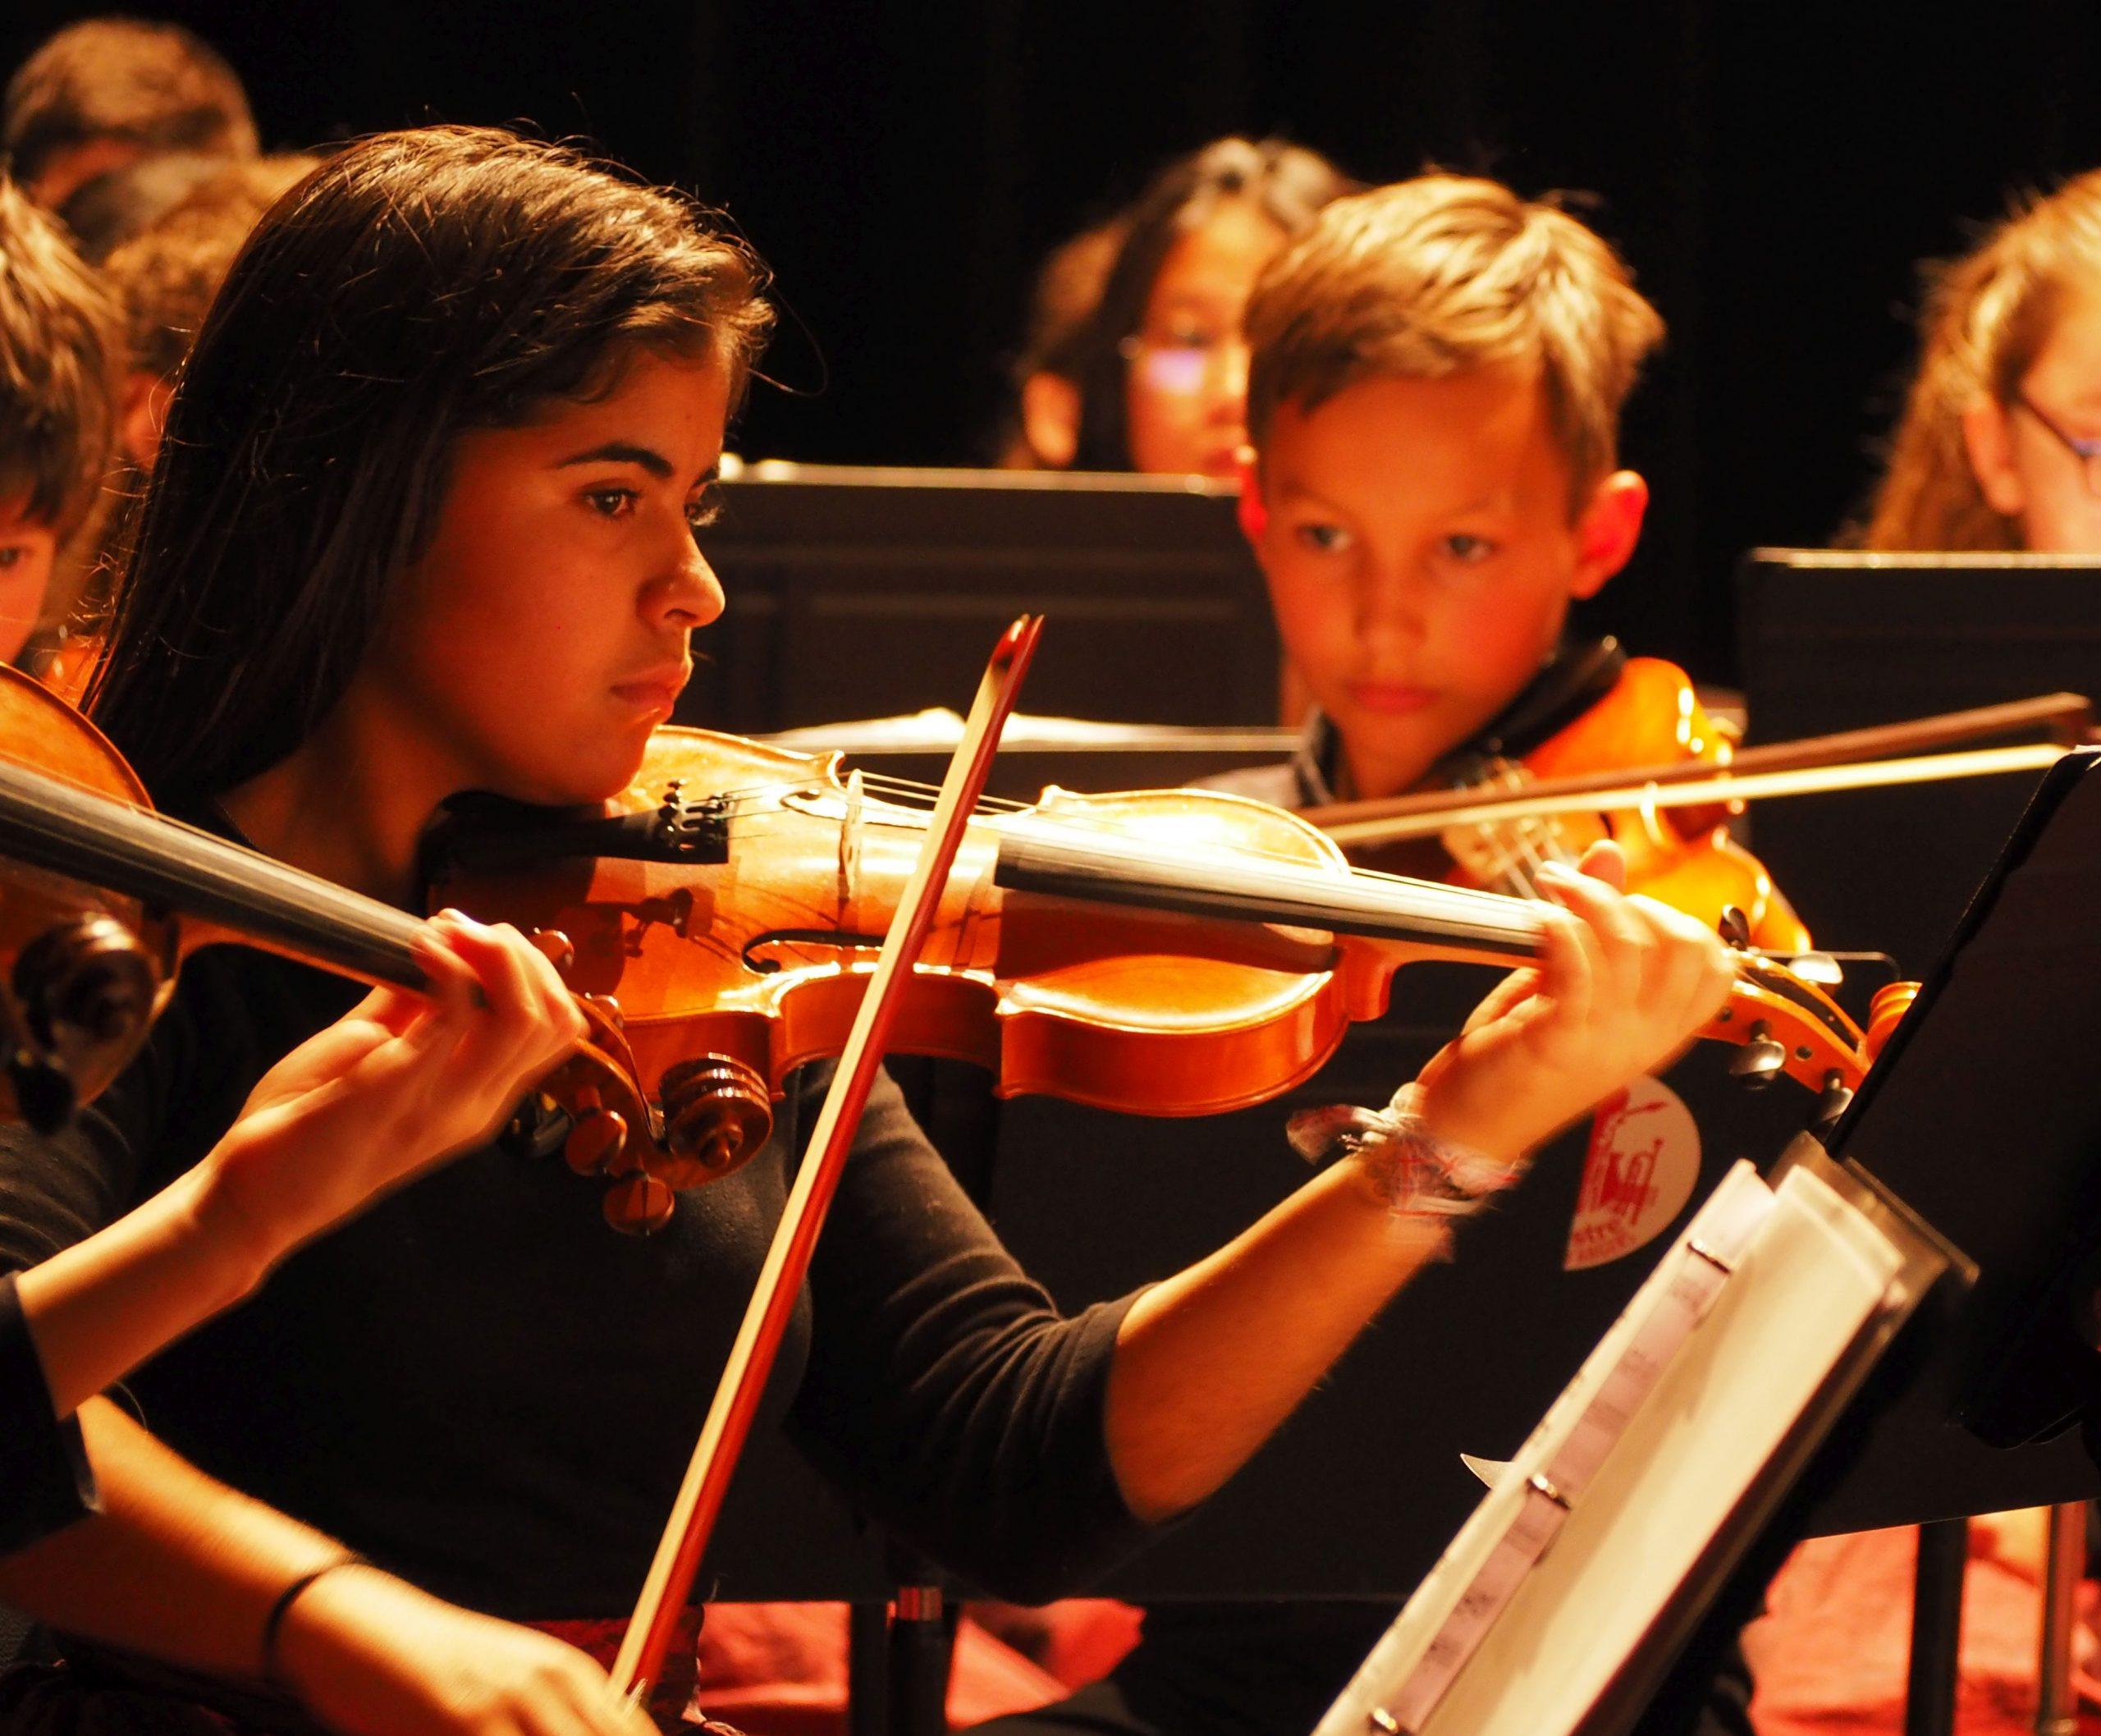 violoniste en concert à l'olda